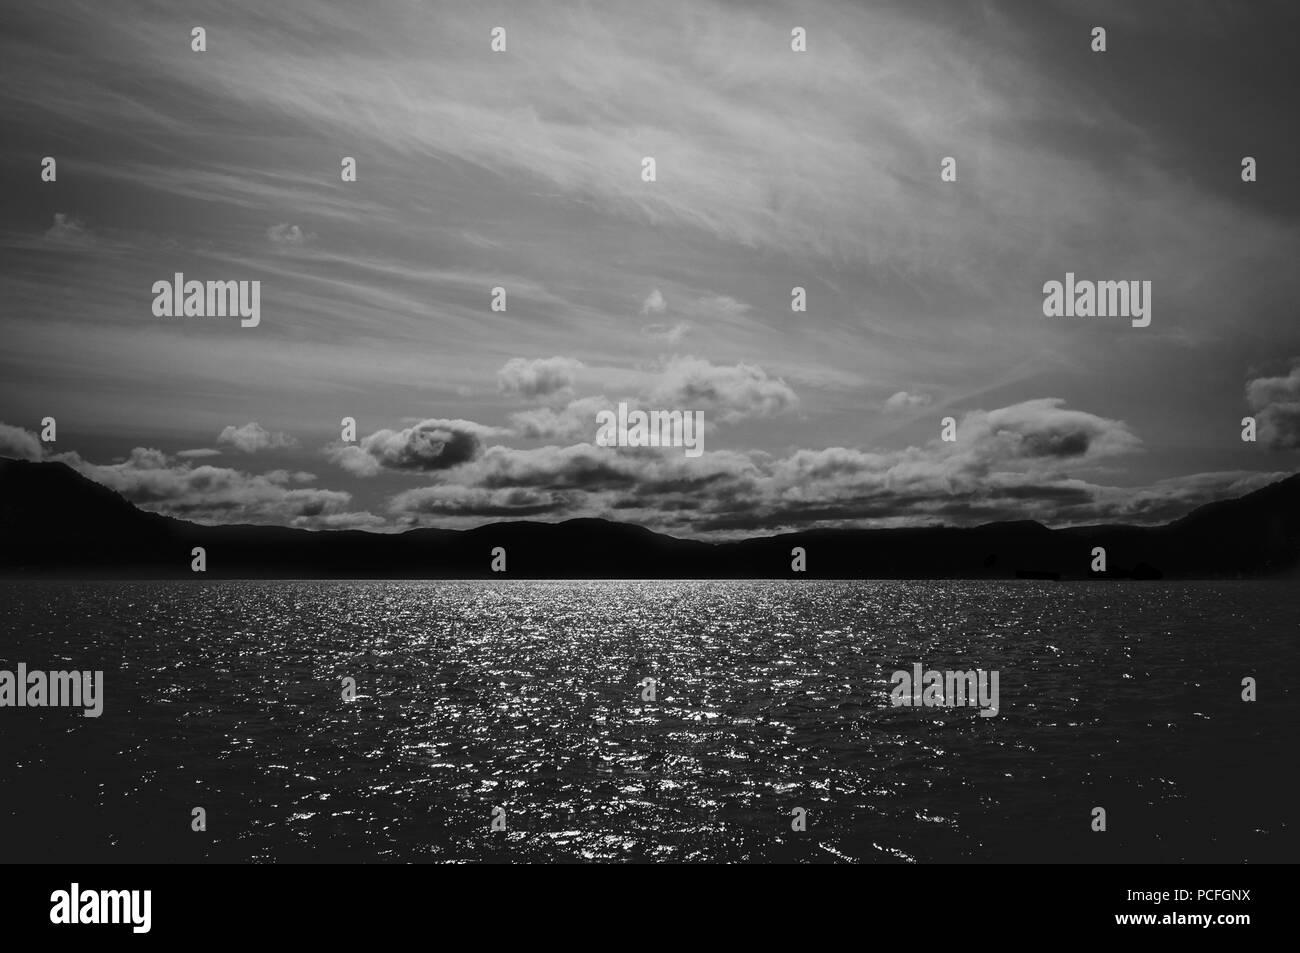 Seascape dramática en blanco y negro - fotografía arte decorativo perfecto para el hogar o el trabajo. Foto de stock